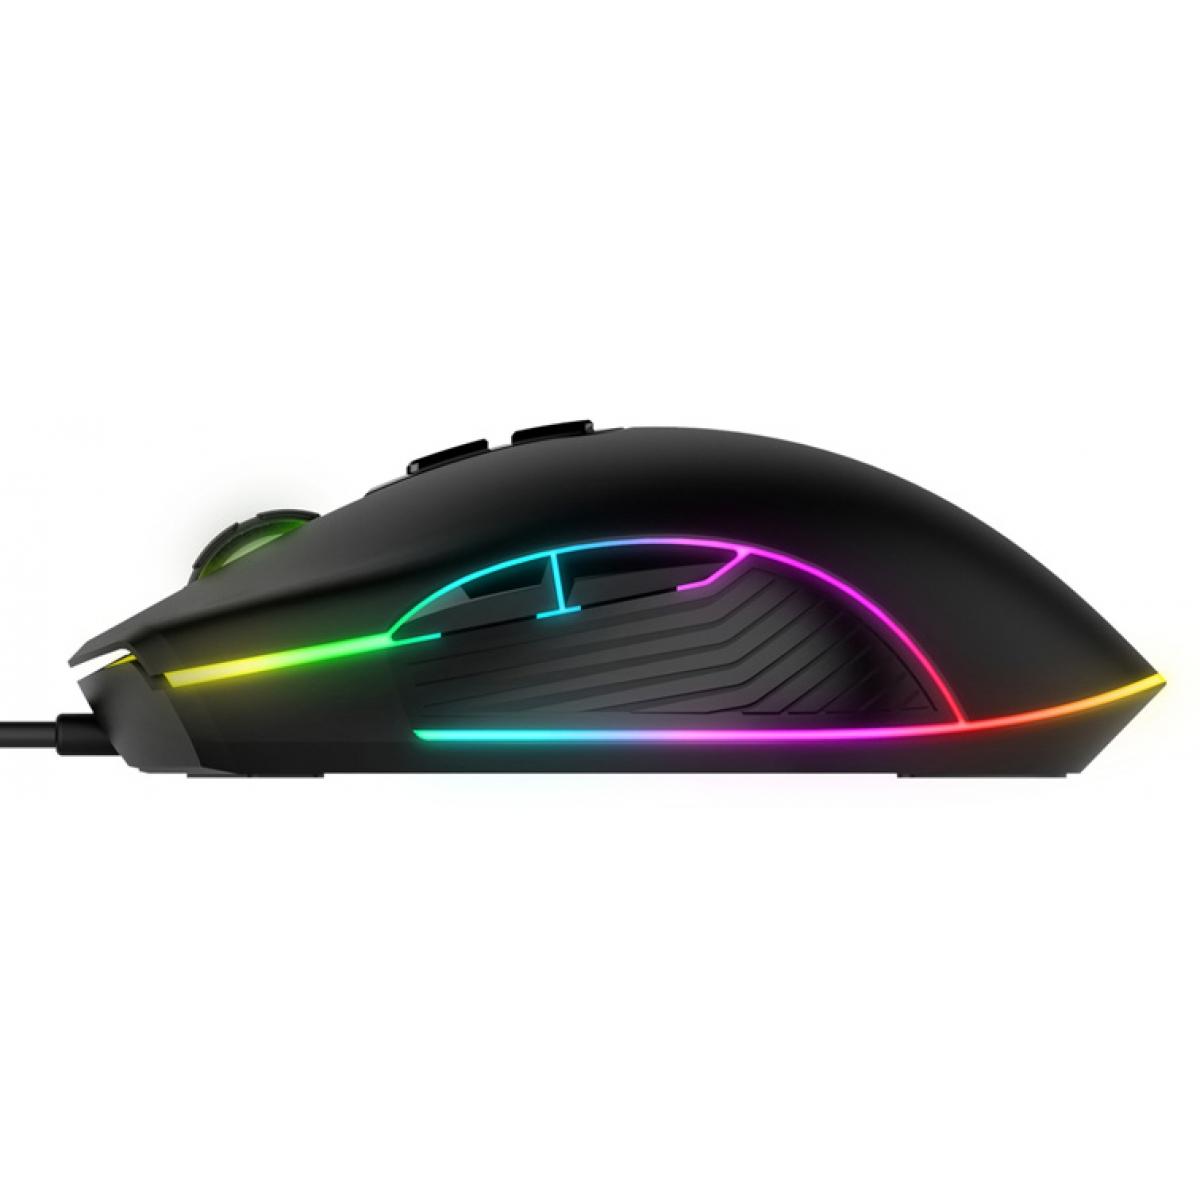 Mouse Gamer Havit MS877 RGB, 2400 DPI, 7 Botões, Black